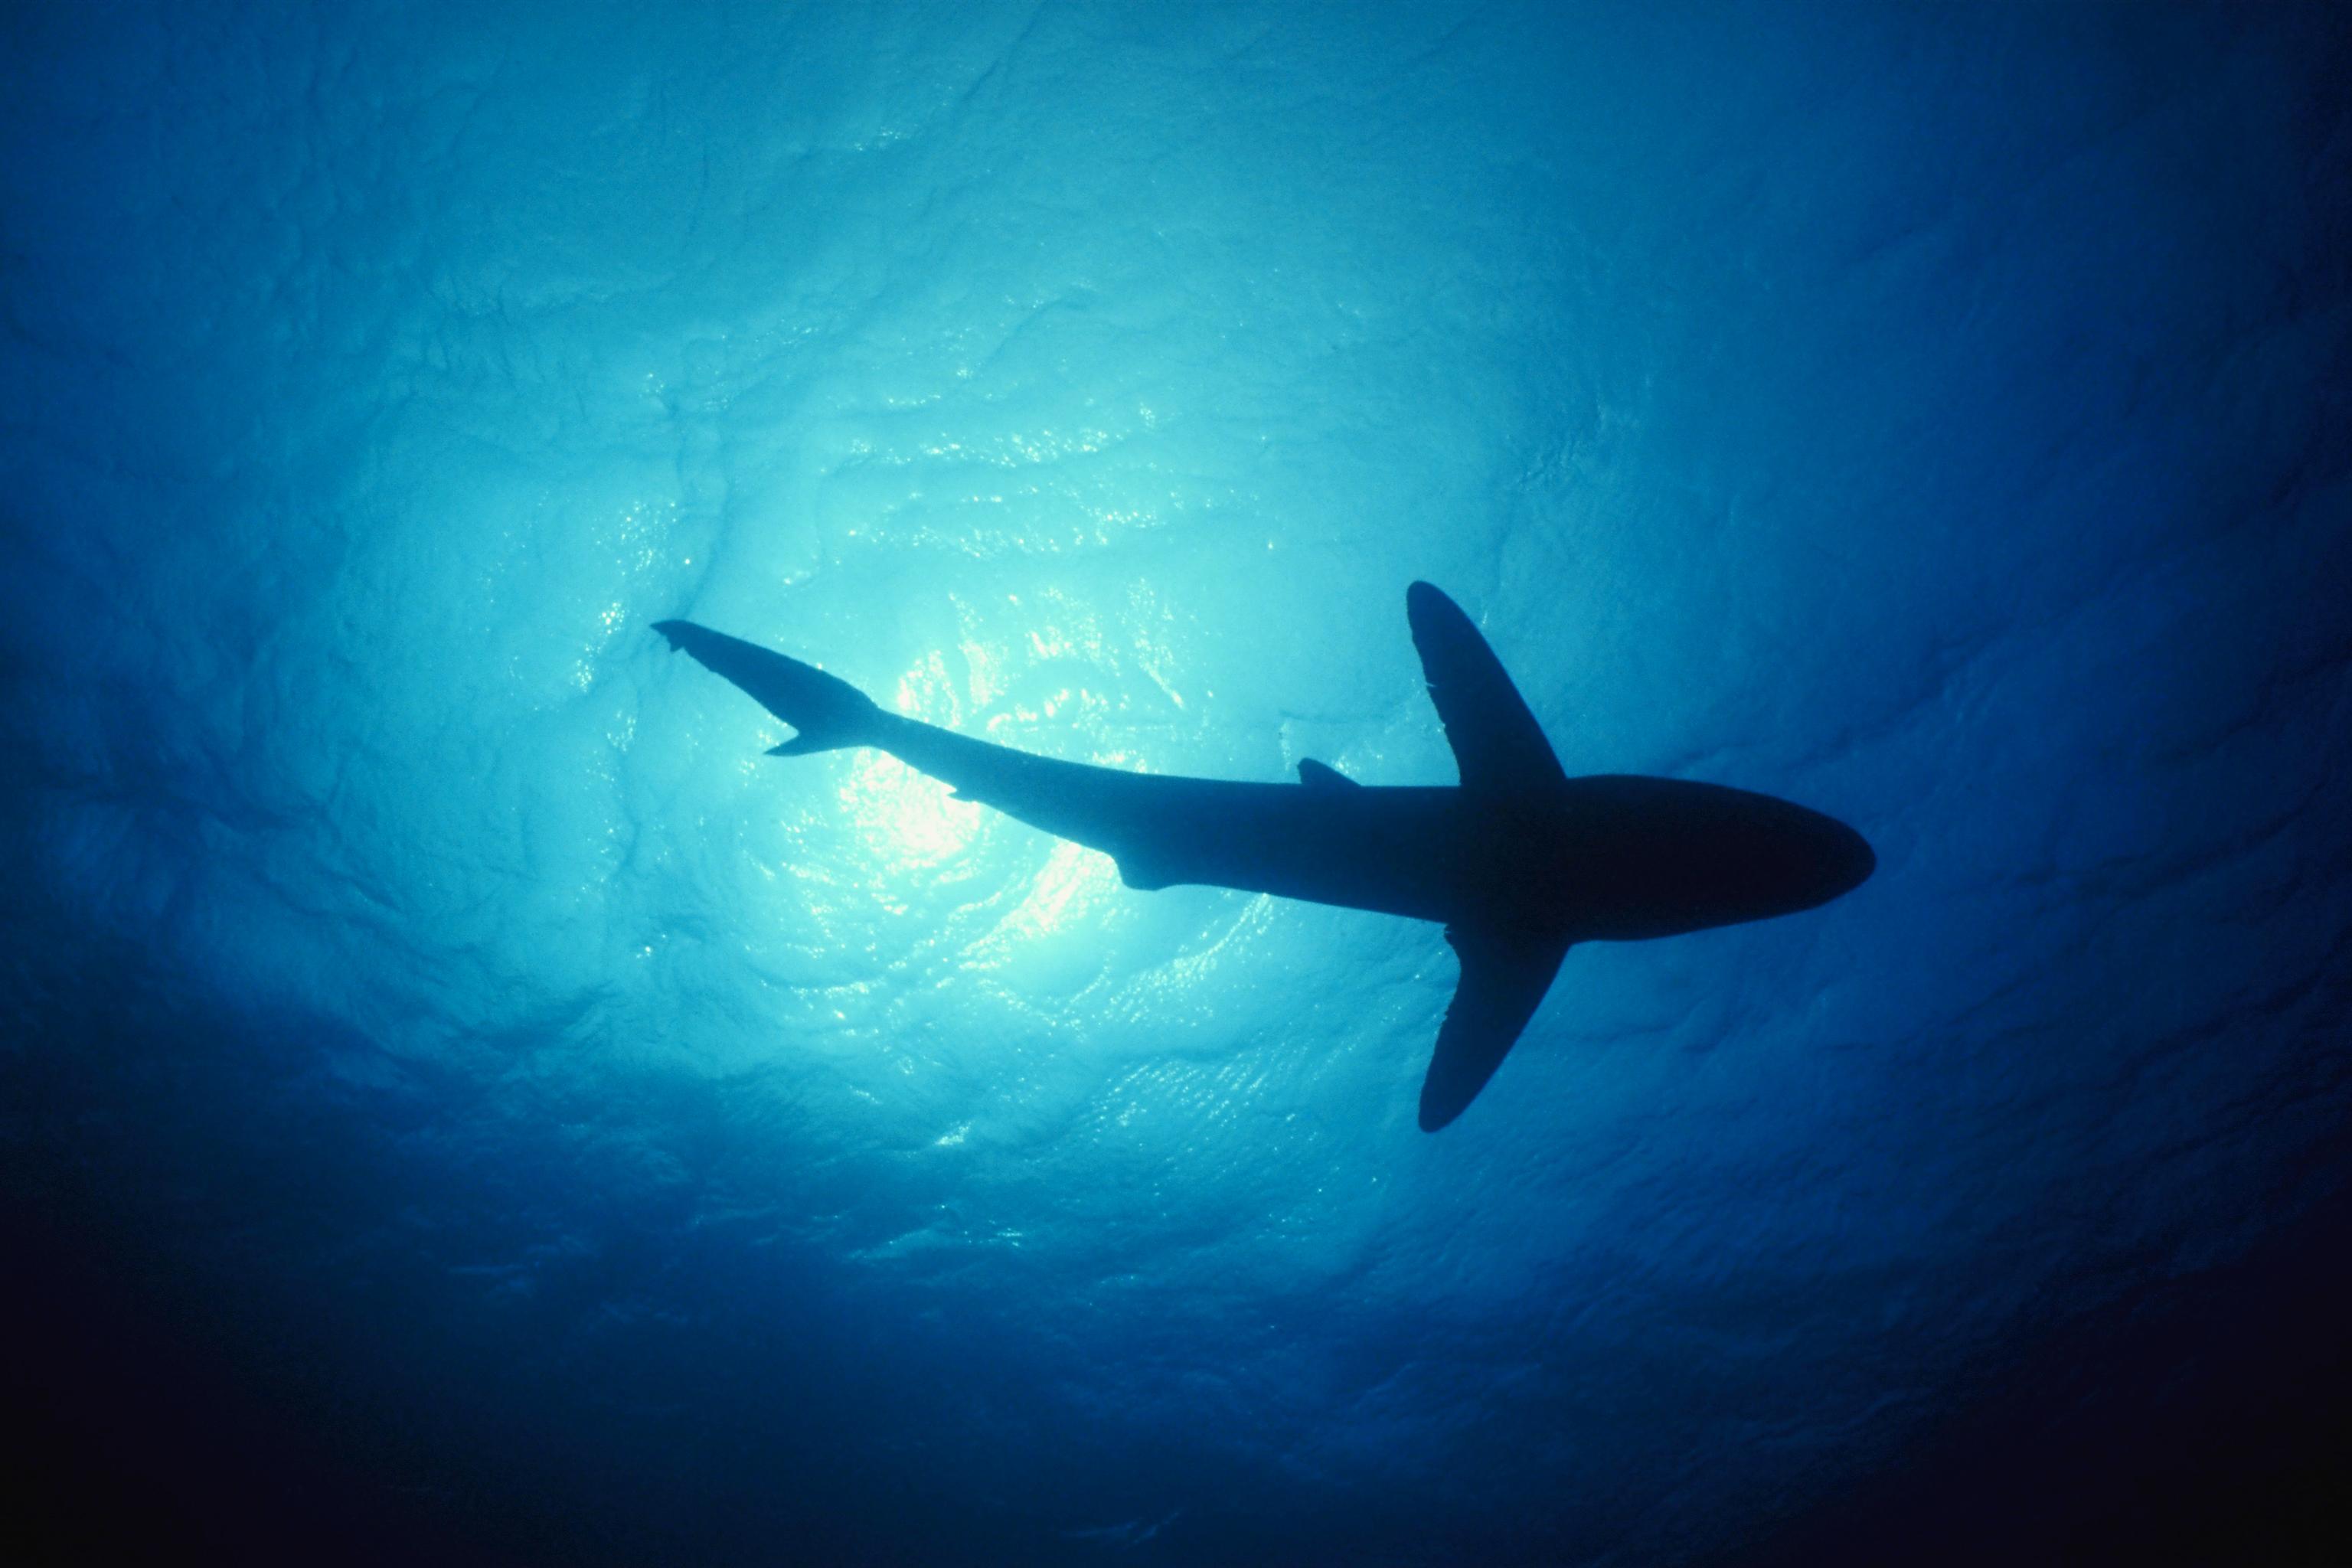 http://cdn.oboi7.com/3258f41c0598c127342e5070e90ba4f791bef20c/voda-okean-zhivotnye-ryba-akuly-pod-vodoj.jpg